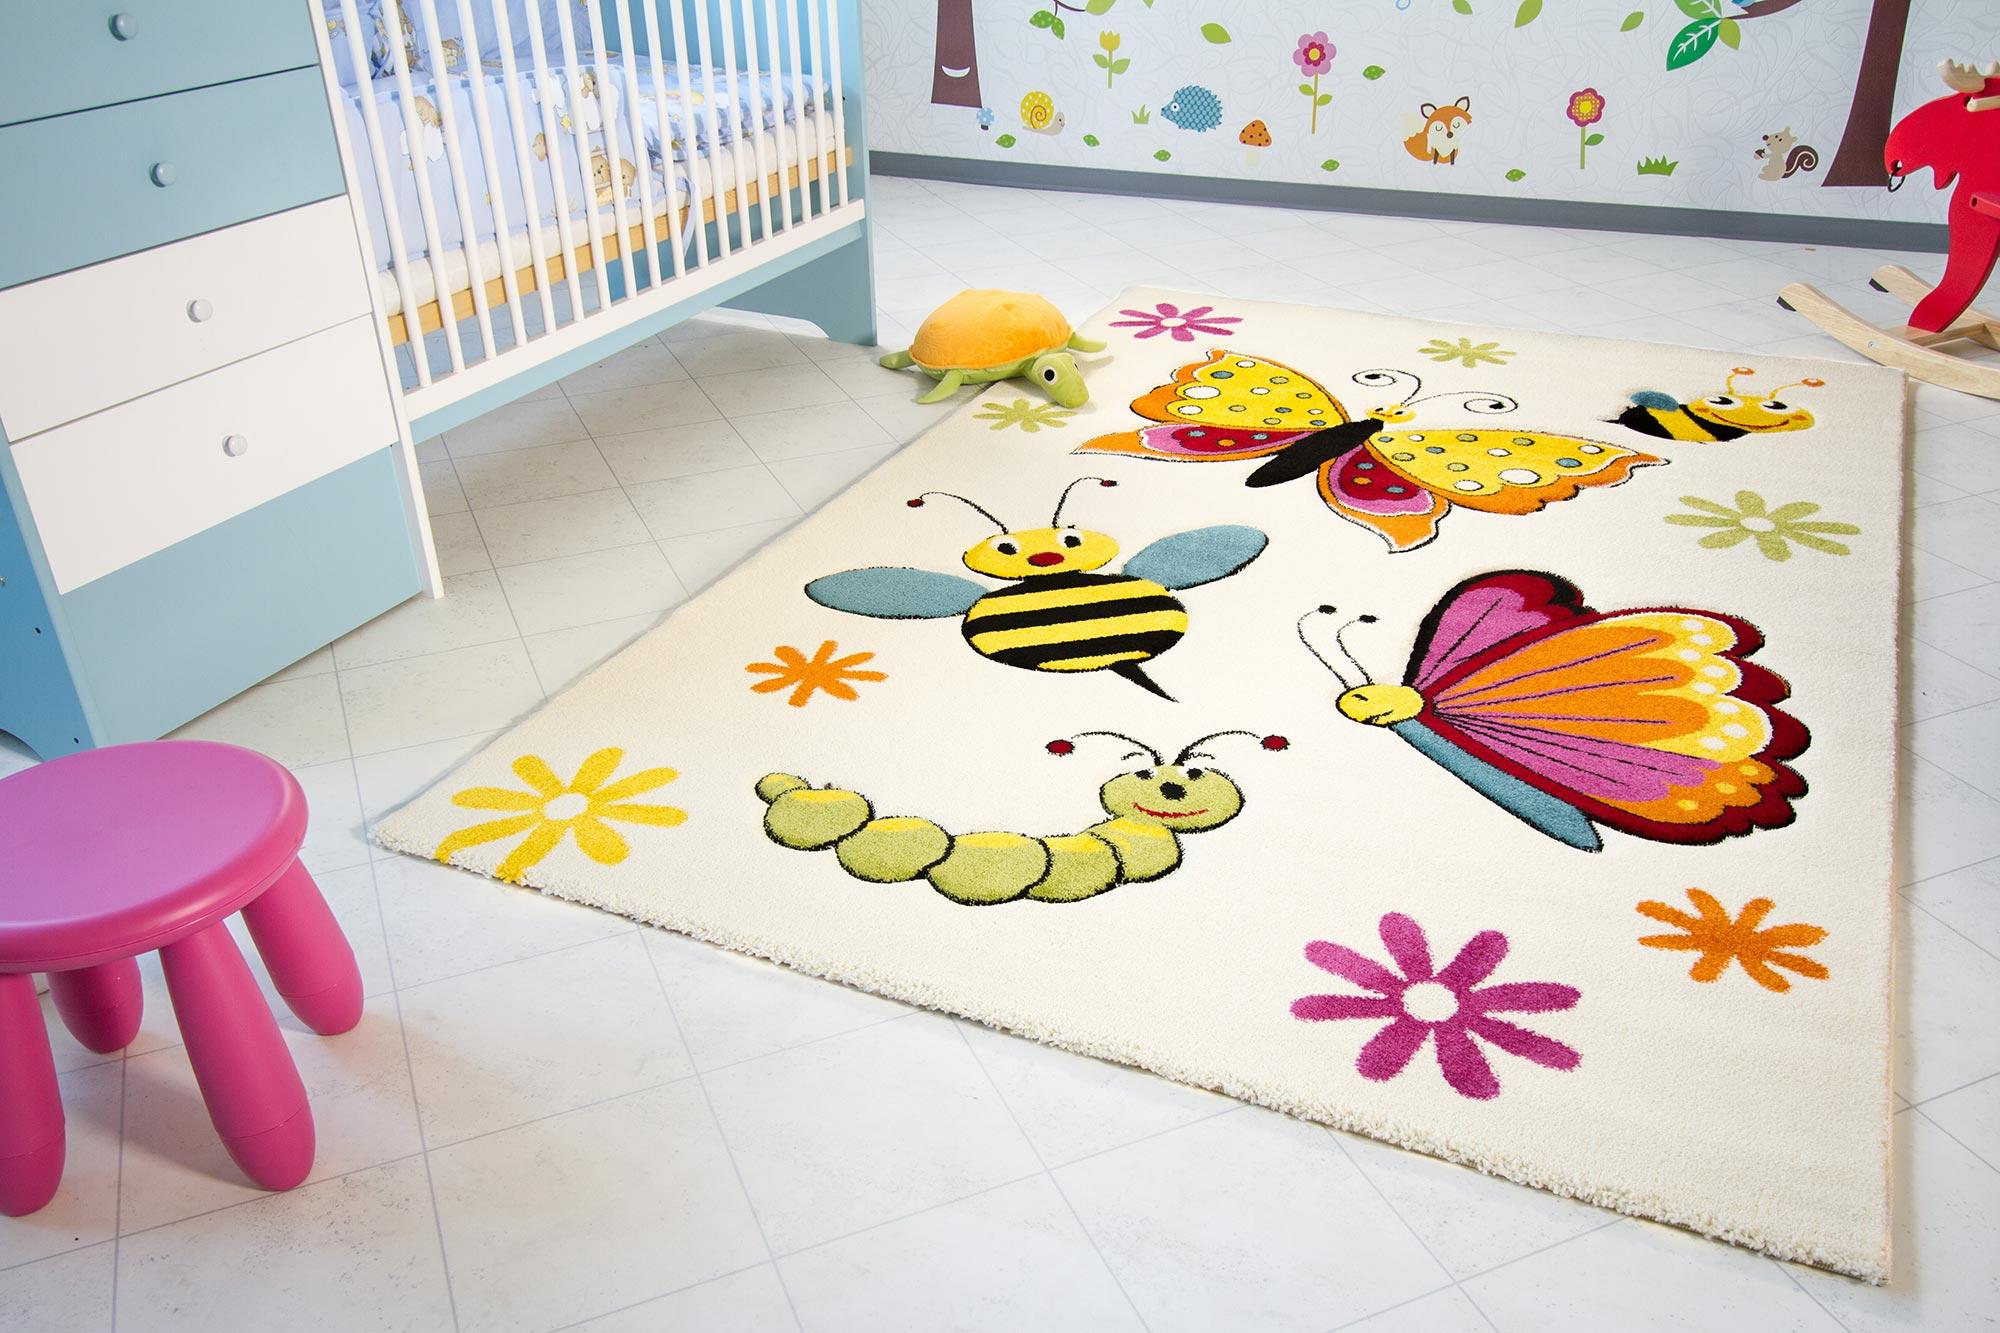 Ковер для детской комнаты. Как выбрать? Что стоит учитывать?